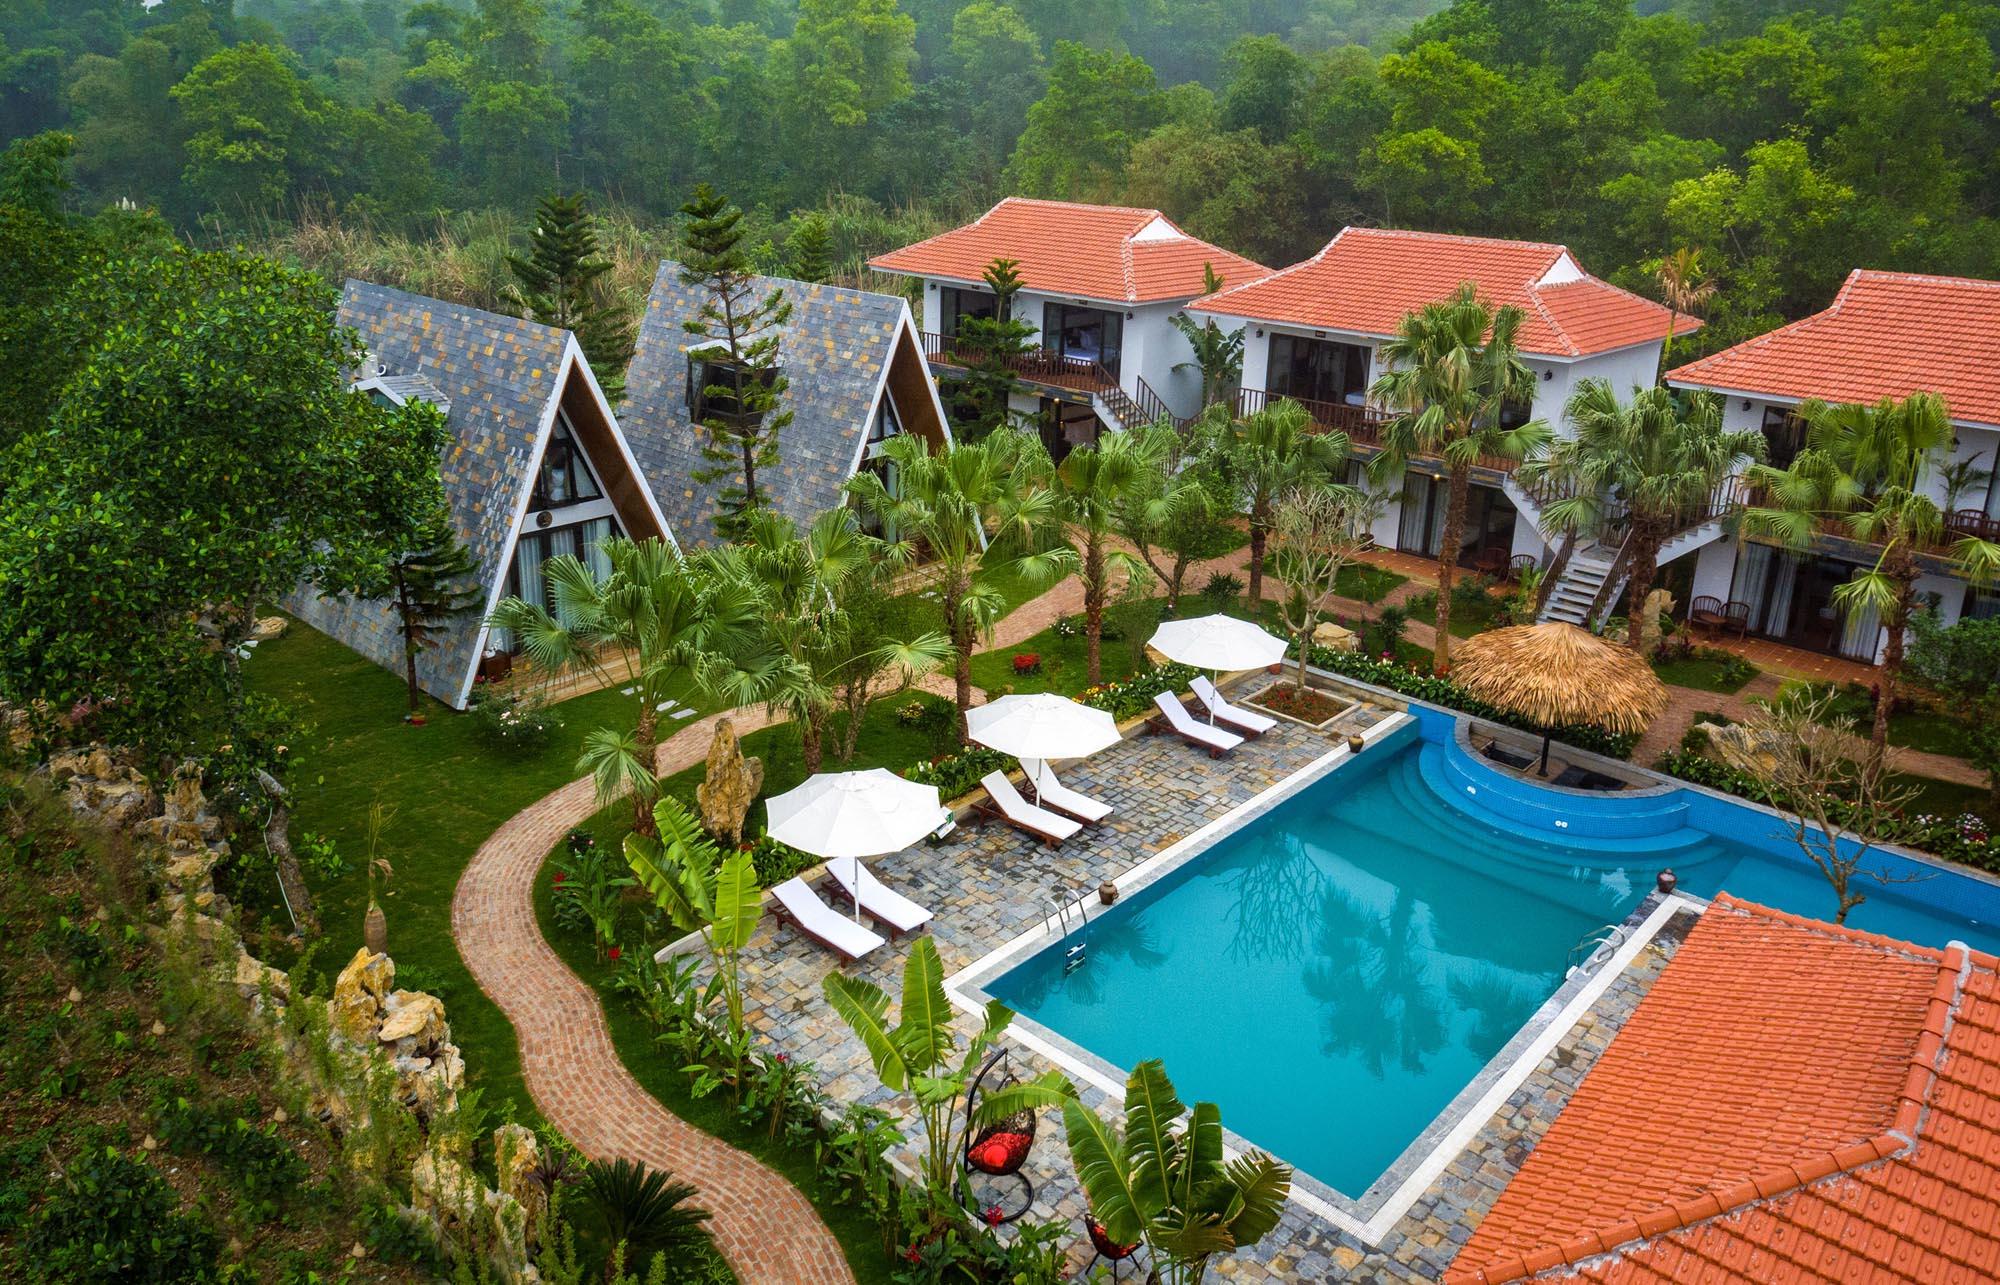 Photo courtesy of Bai Dinh Garden Resort.